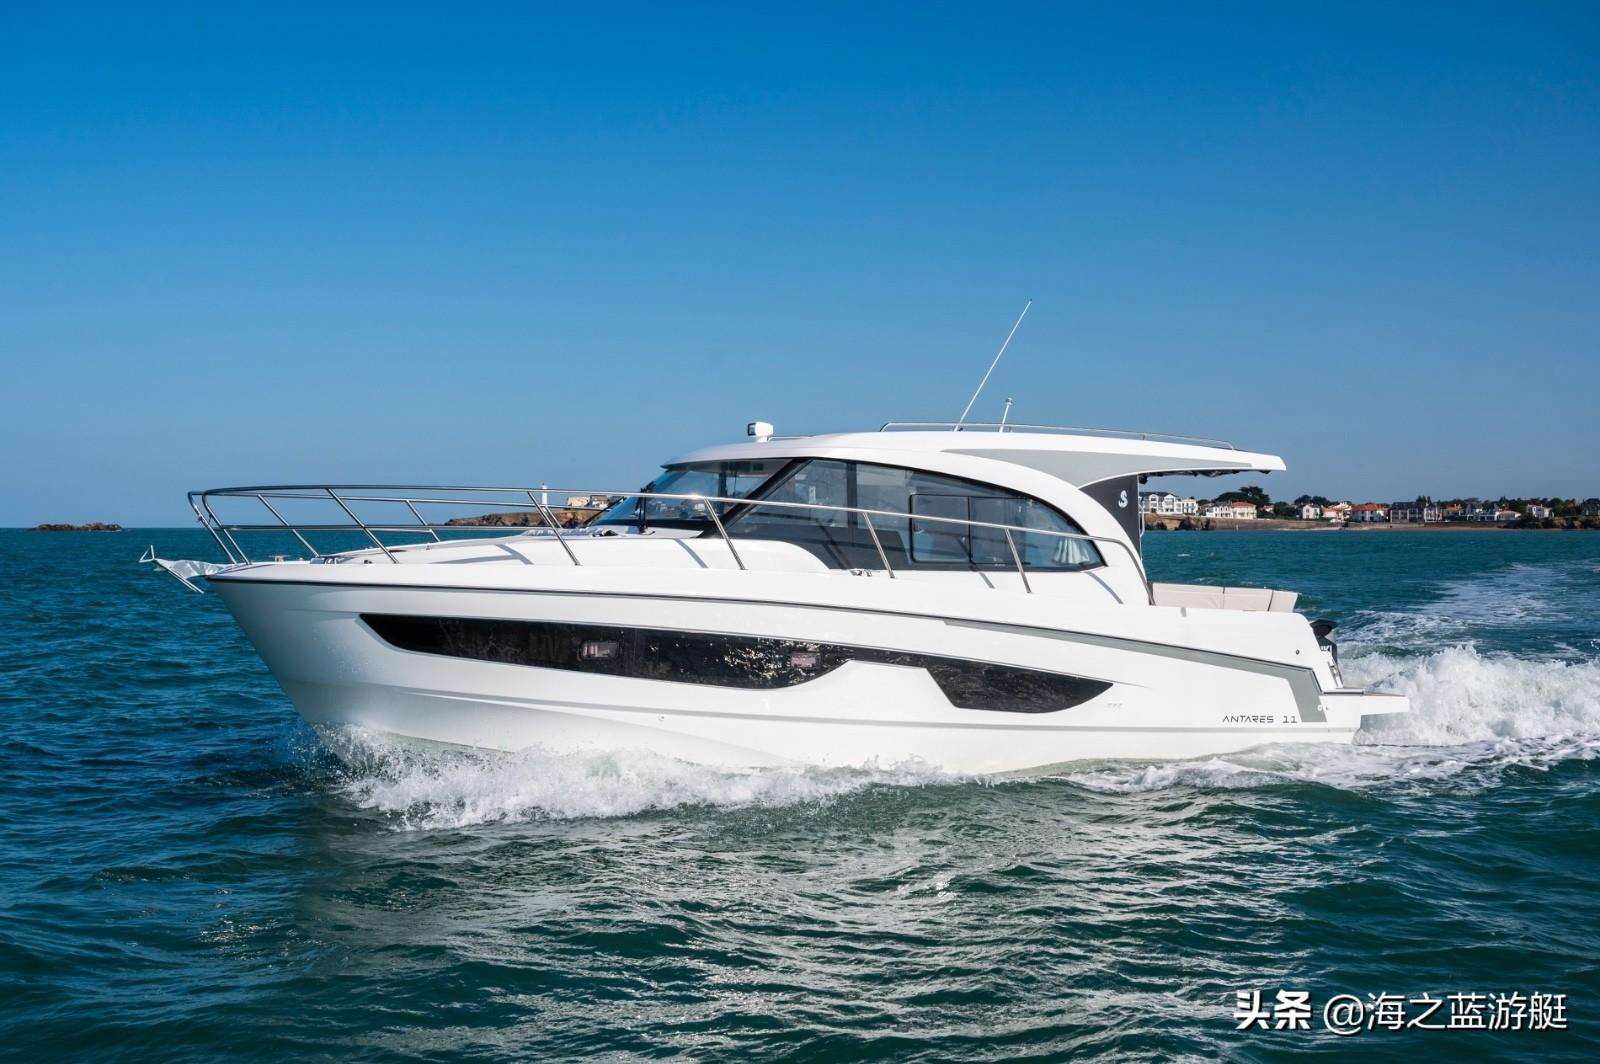 銷售游艇是否需要繳納消費稅?